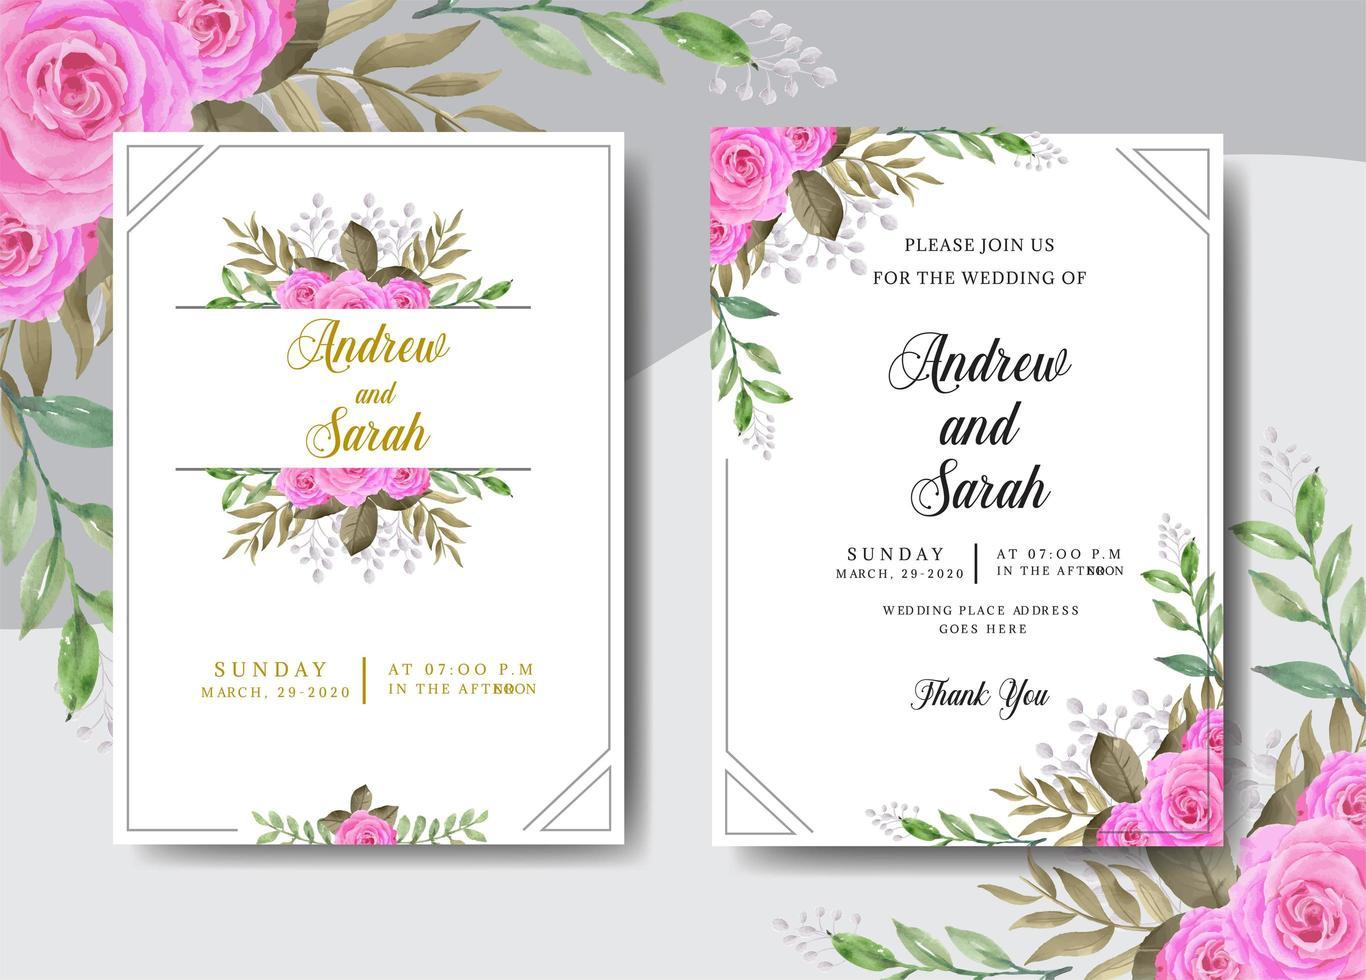 convite de casamento em aquarela com moldura vetor